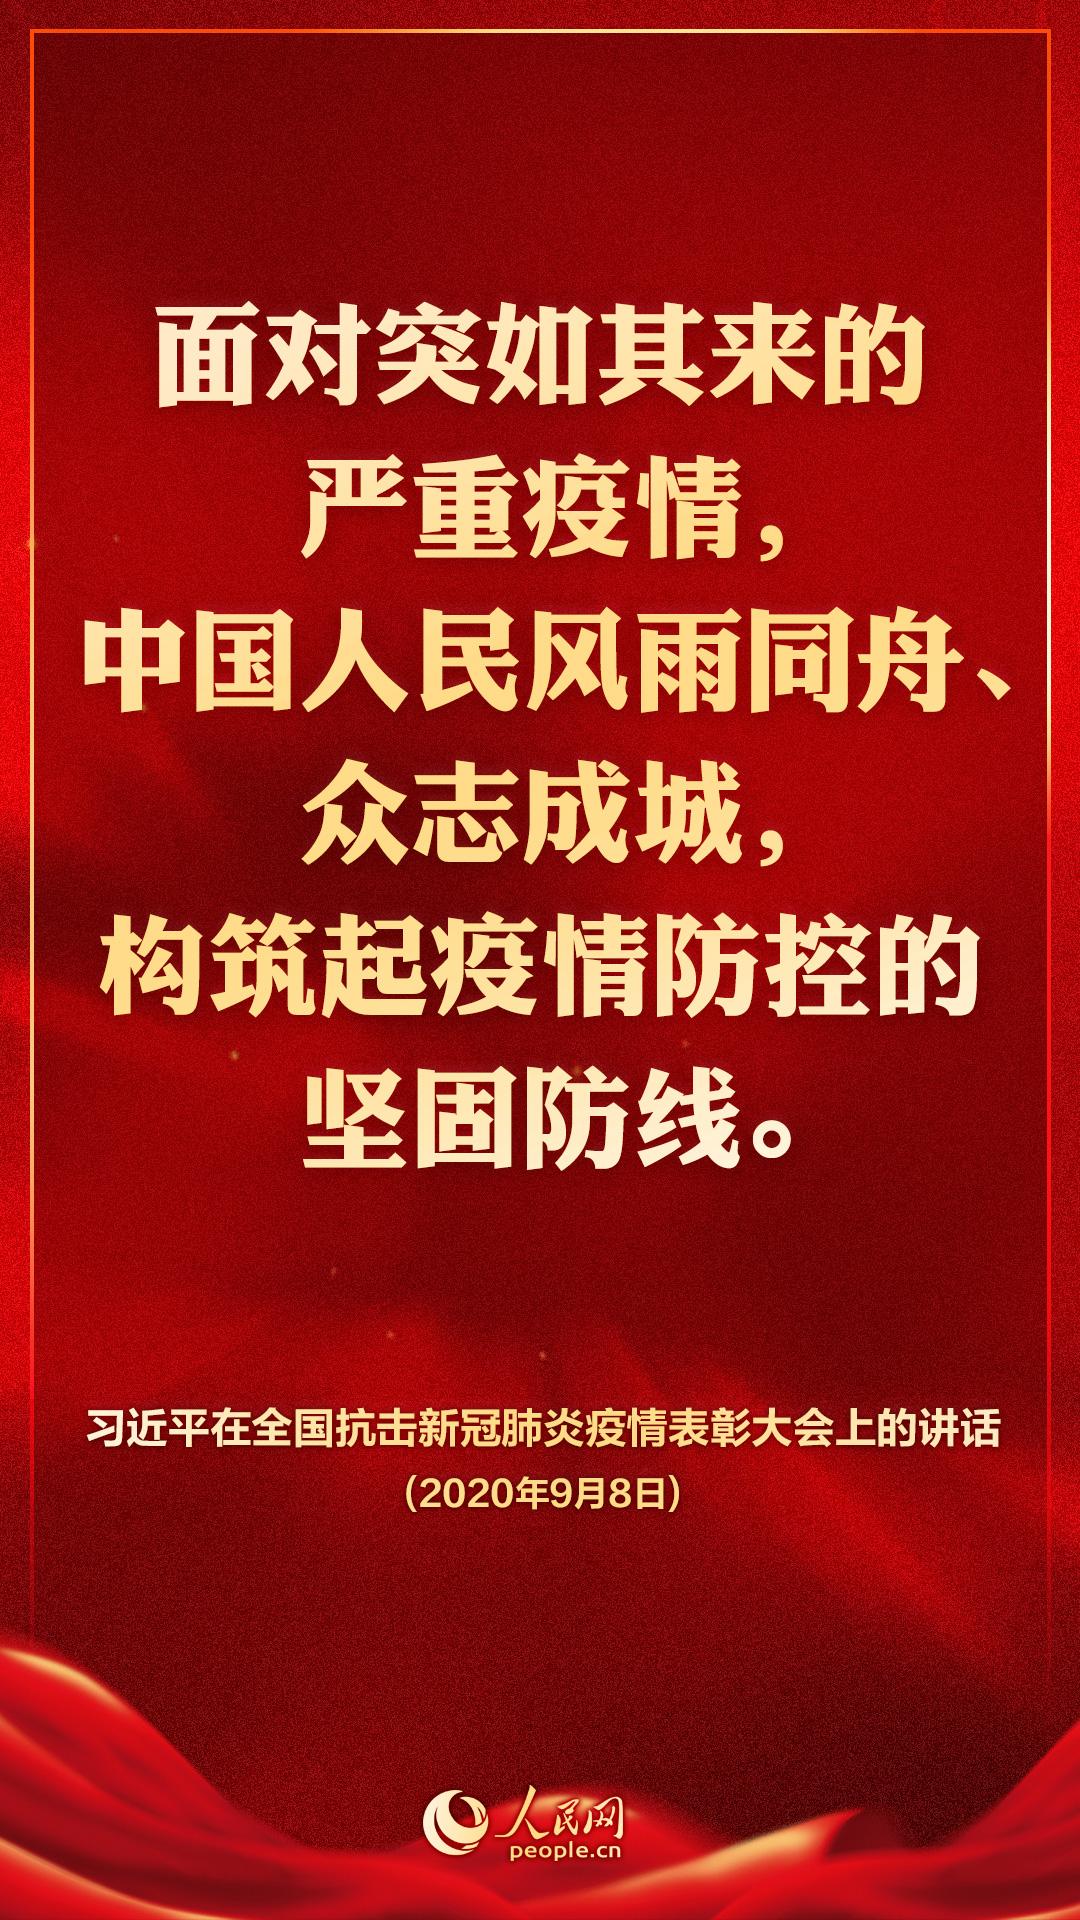 """全国抗击新冠肺炎疫情夺取重大战略成果的""""制胜密码""""02.jpg"""